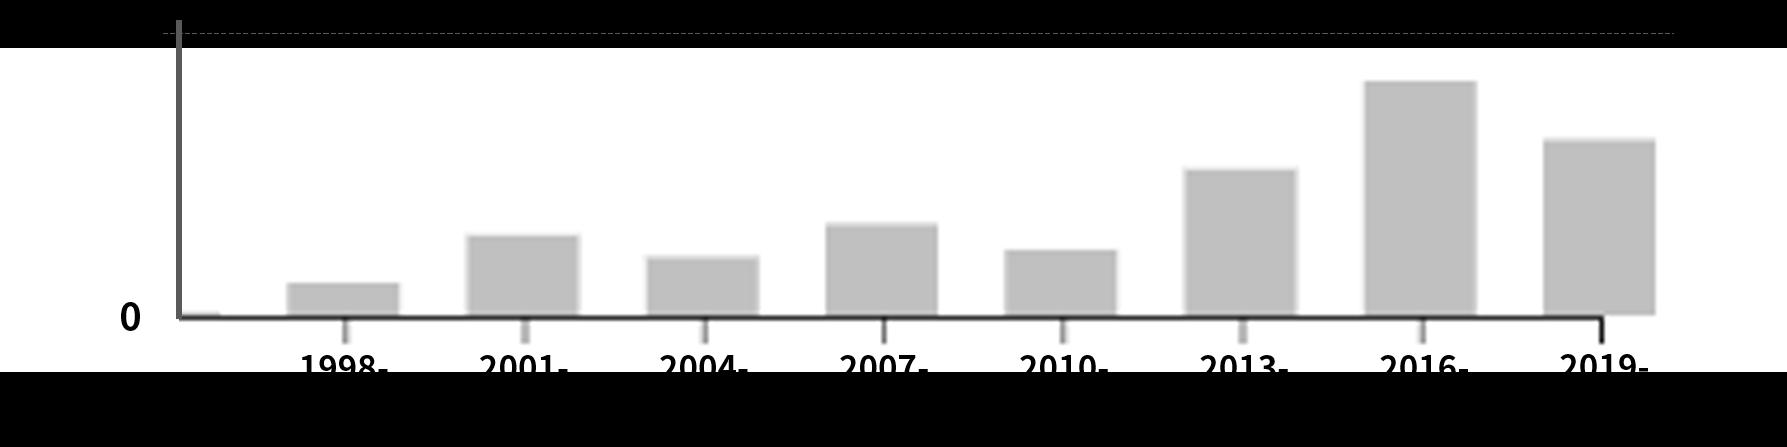 バイオインフォマティクス関連CPC分類・G16BにおけるIBMの出願件数の推移